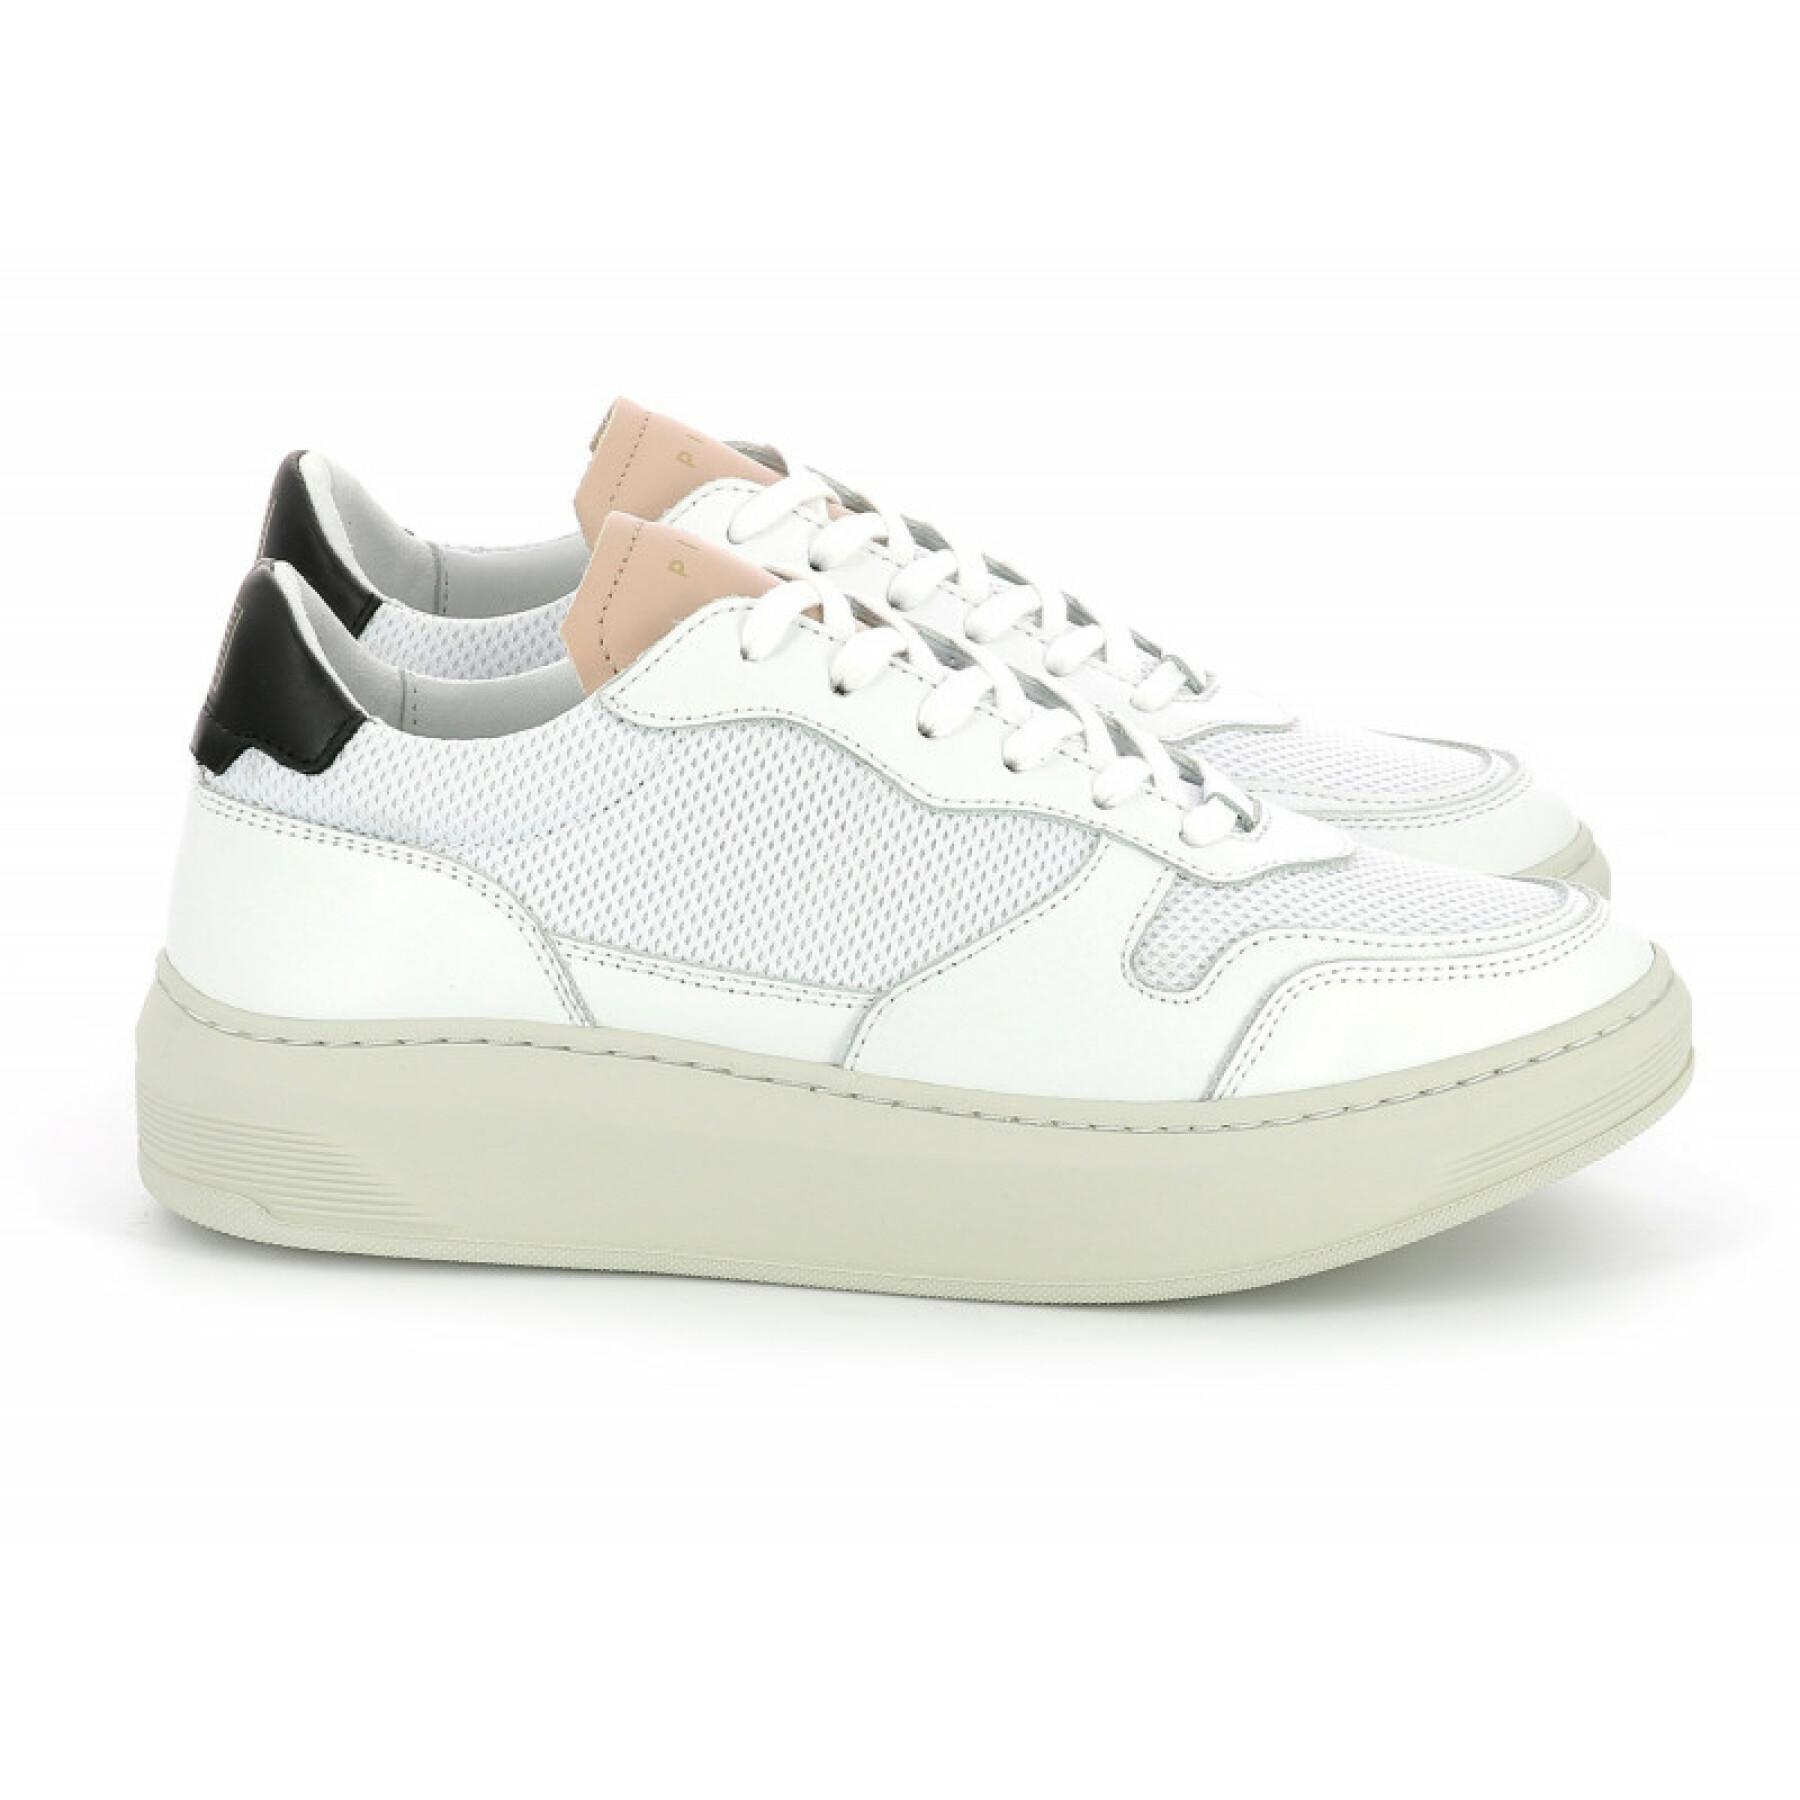 Zapatos de mujer Piola Cayma